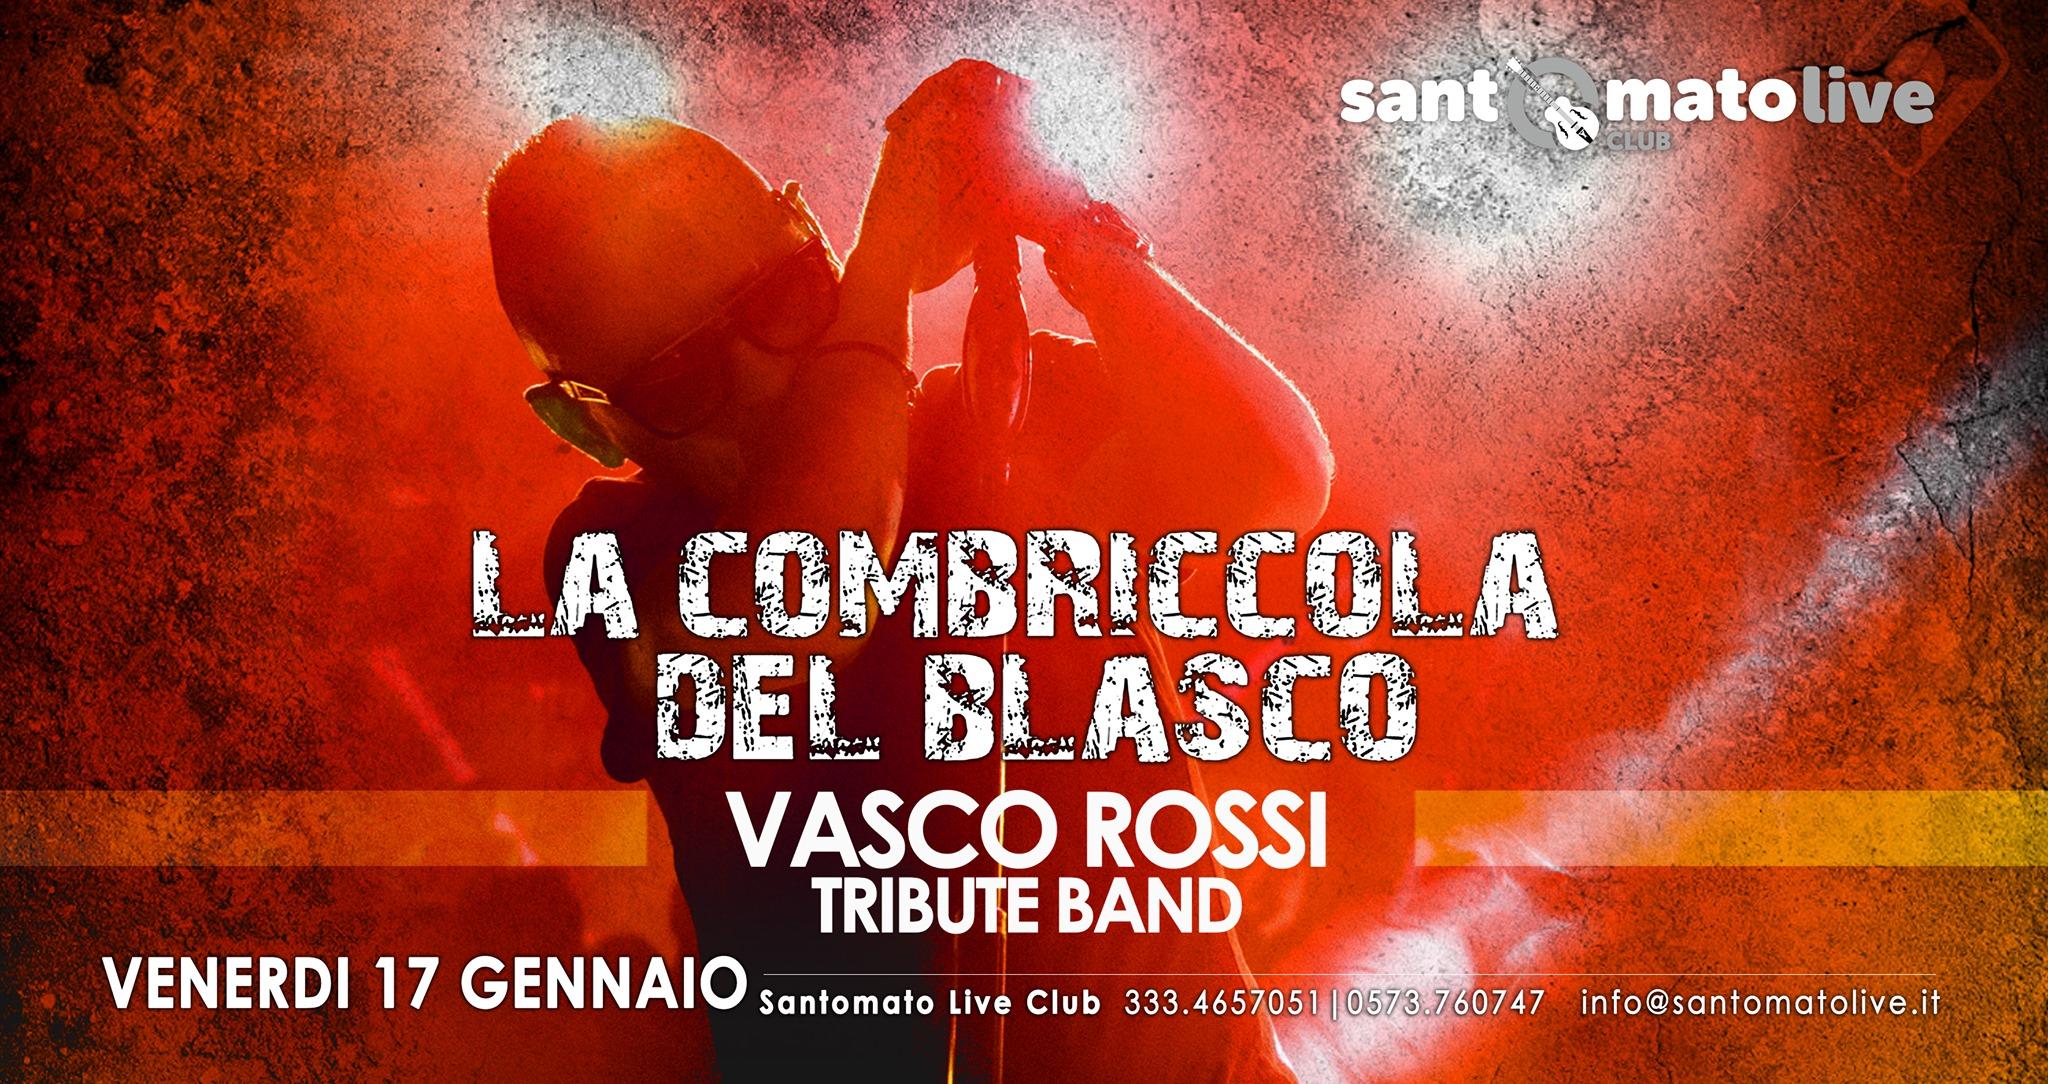 La Combriccola del Blasco Band Santomato Live Club